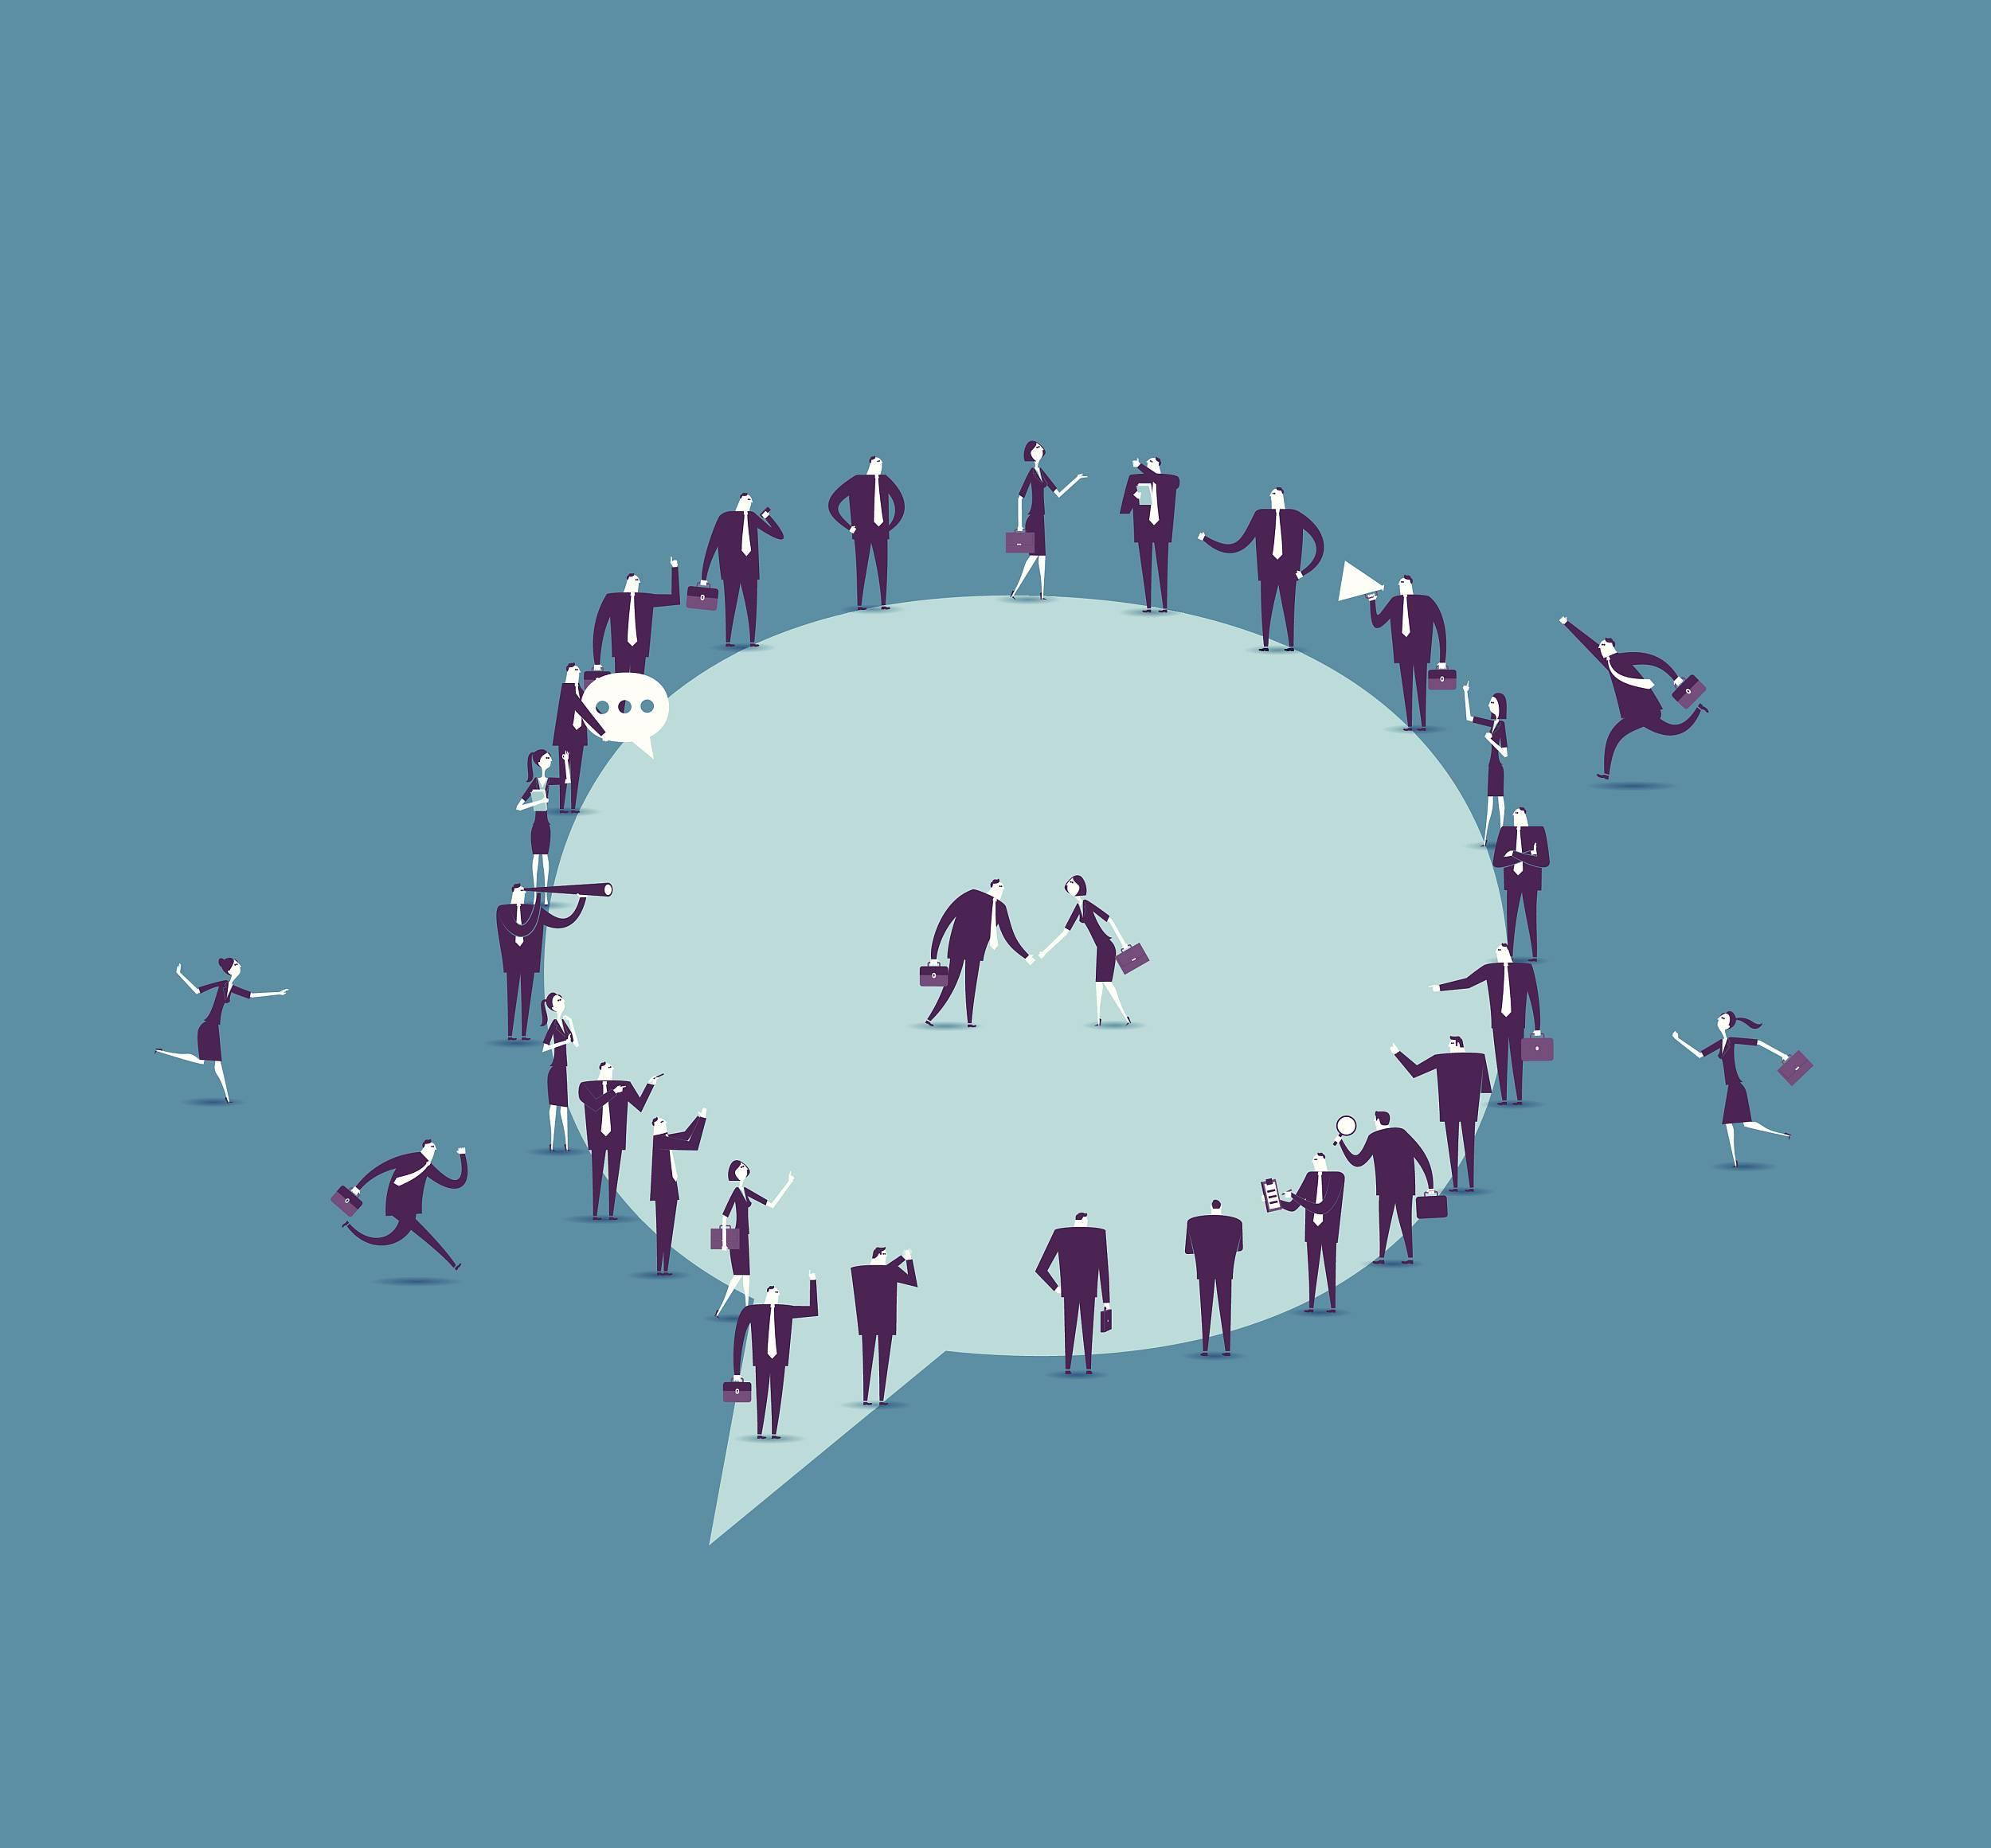 对话系统的前世今生